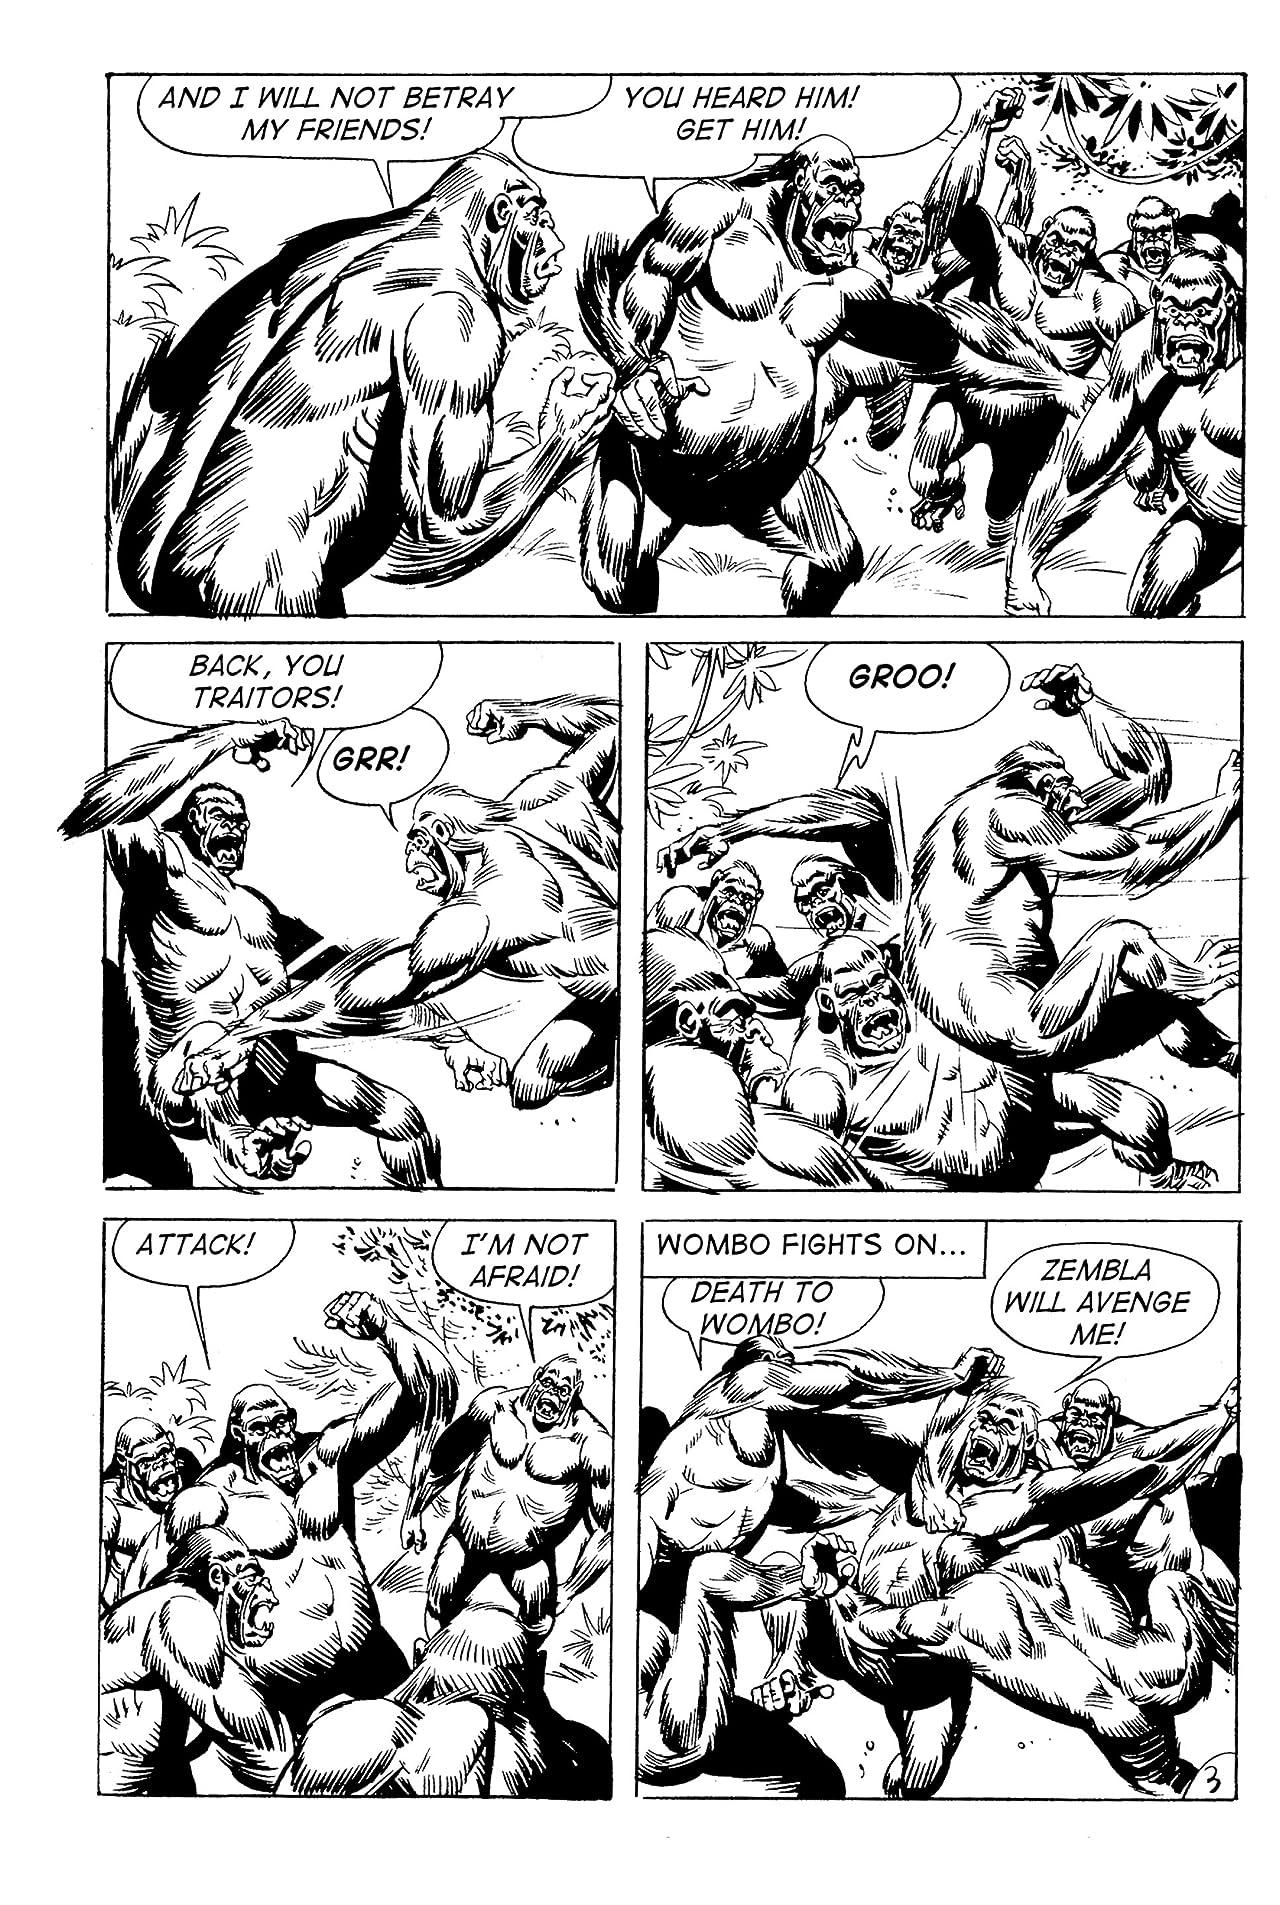 ZEMBLA Vol. 3: The Wrath of Boor